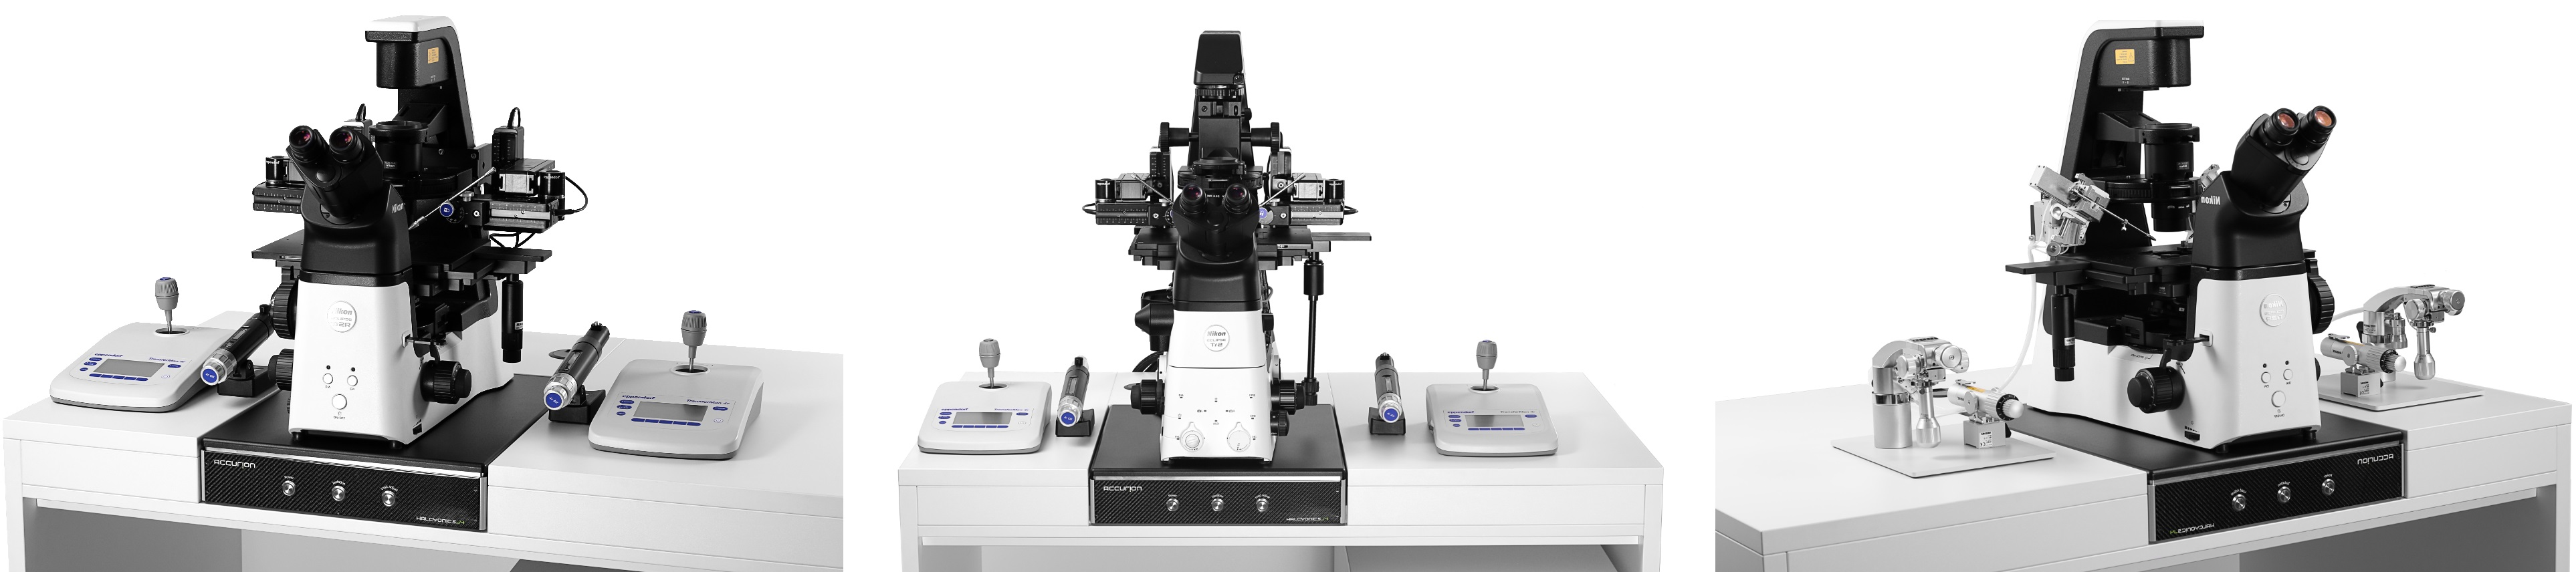 Антивибрационный стол для микроскопа экстракорпорального оплодотворения